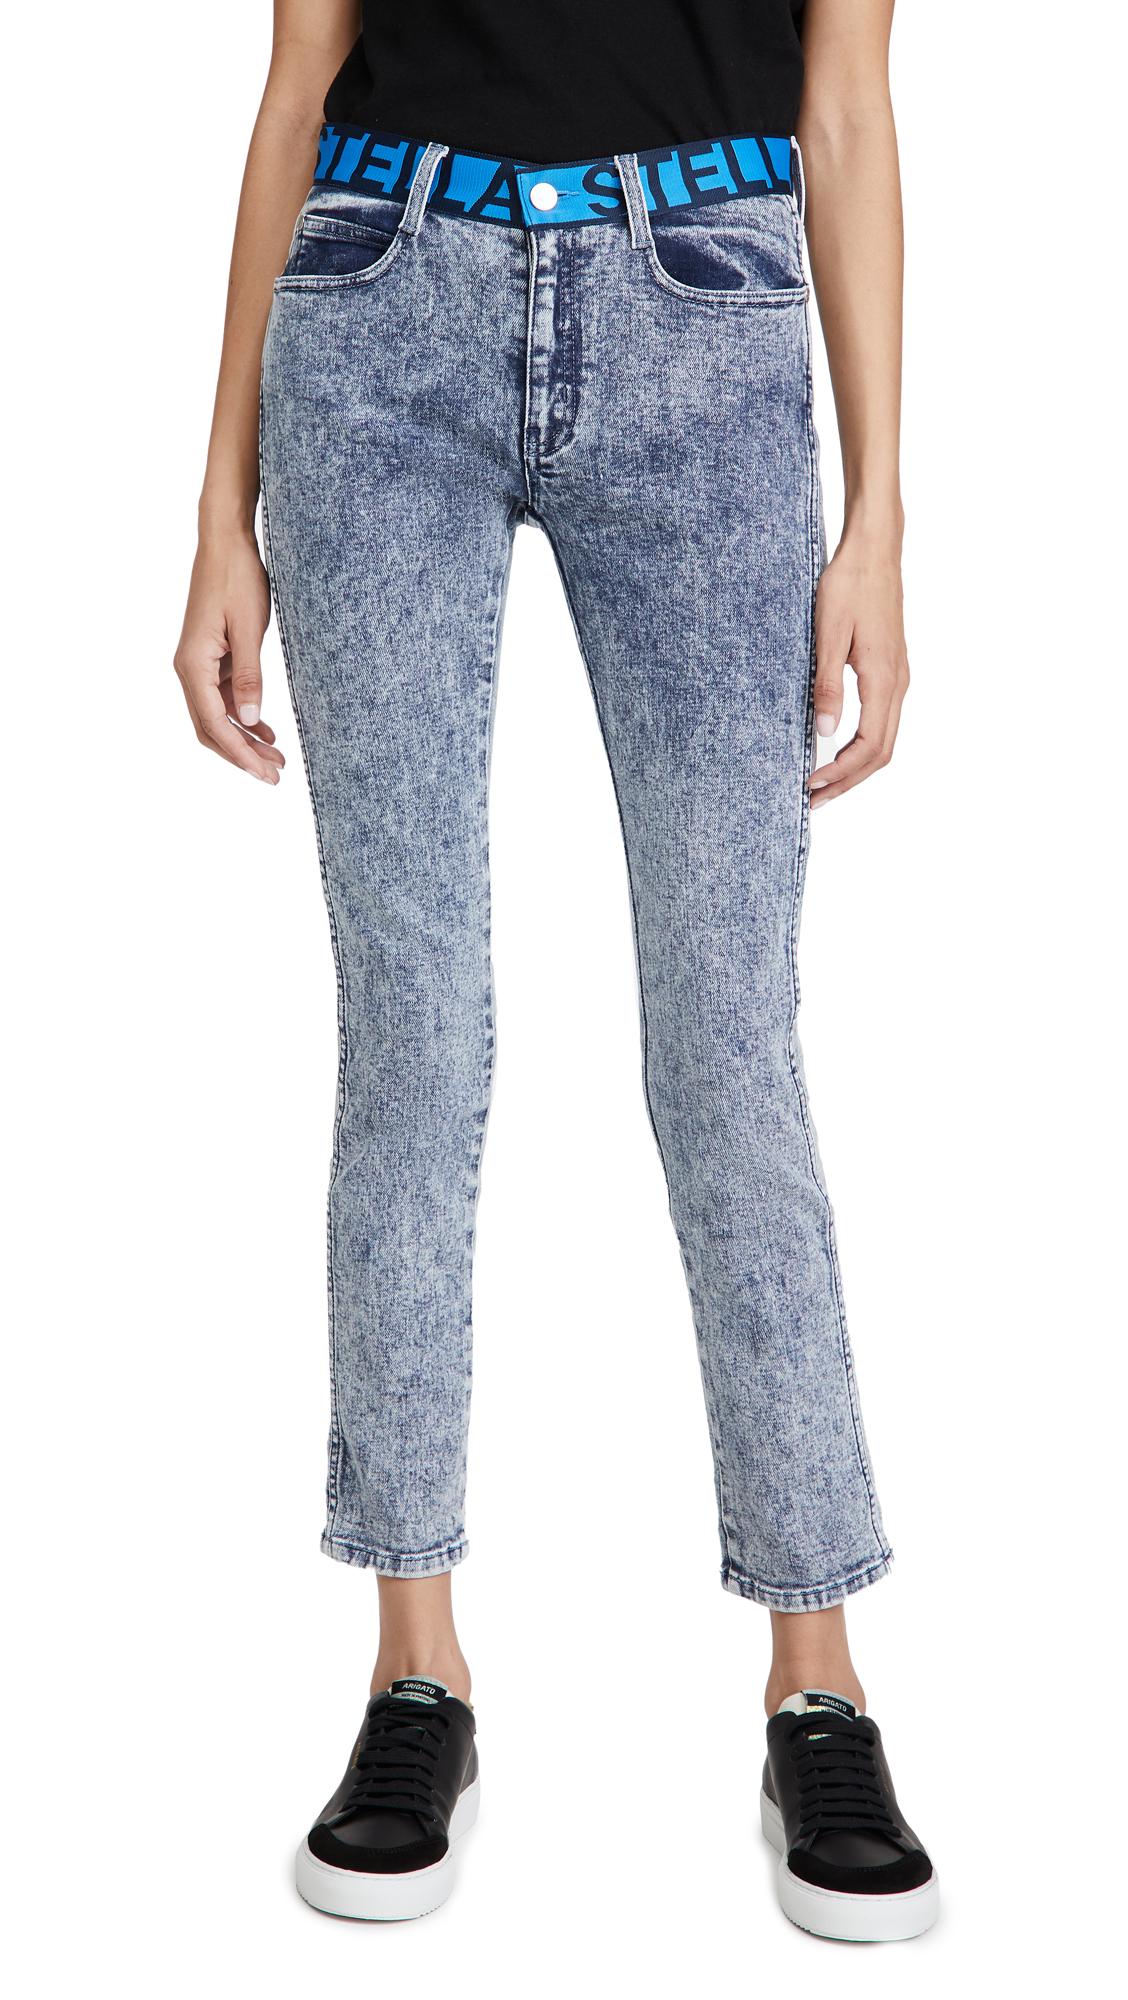 Stella Mccartney Mid-rise Skinny Boyfriend Jeans In Blue